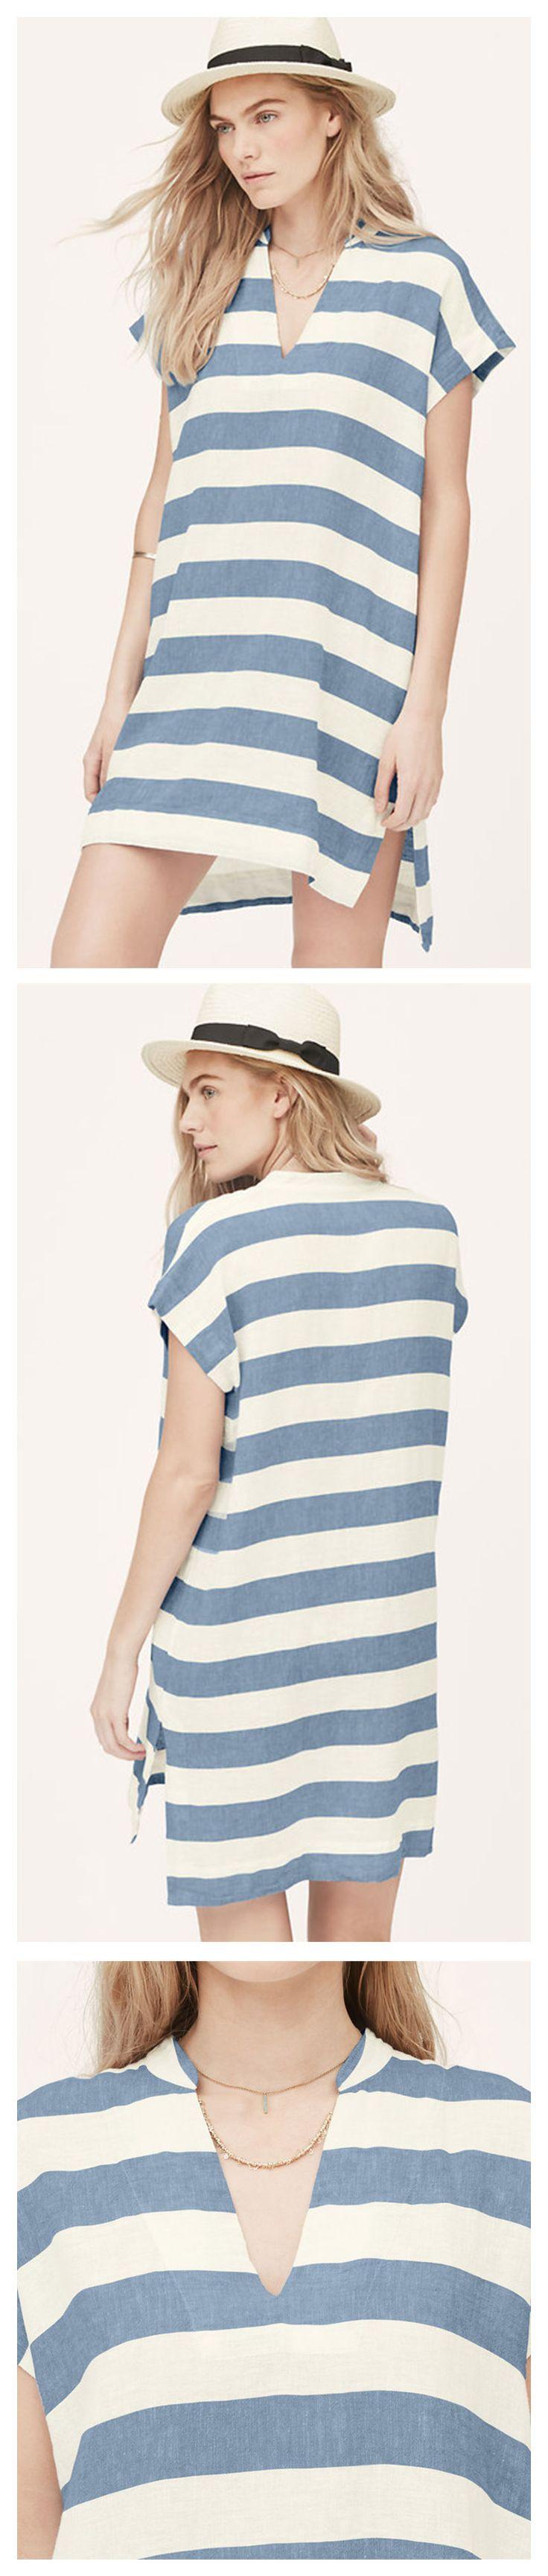 White Blue Short Sleeve V Neck Striped Dress